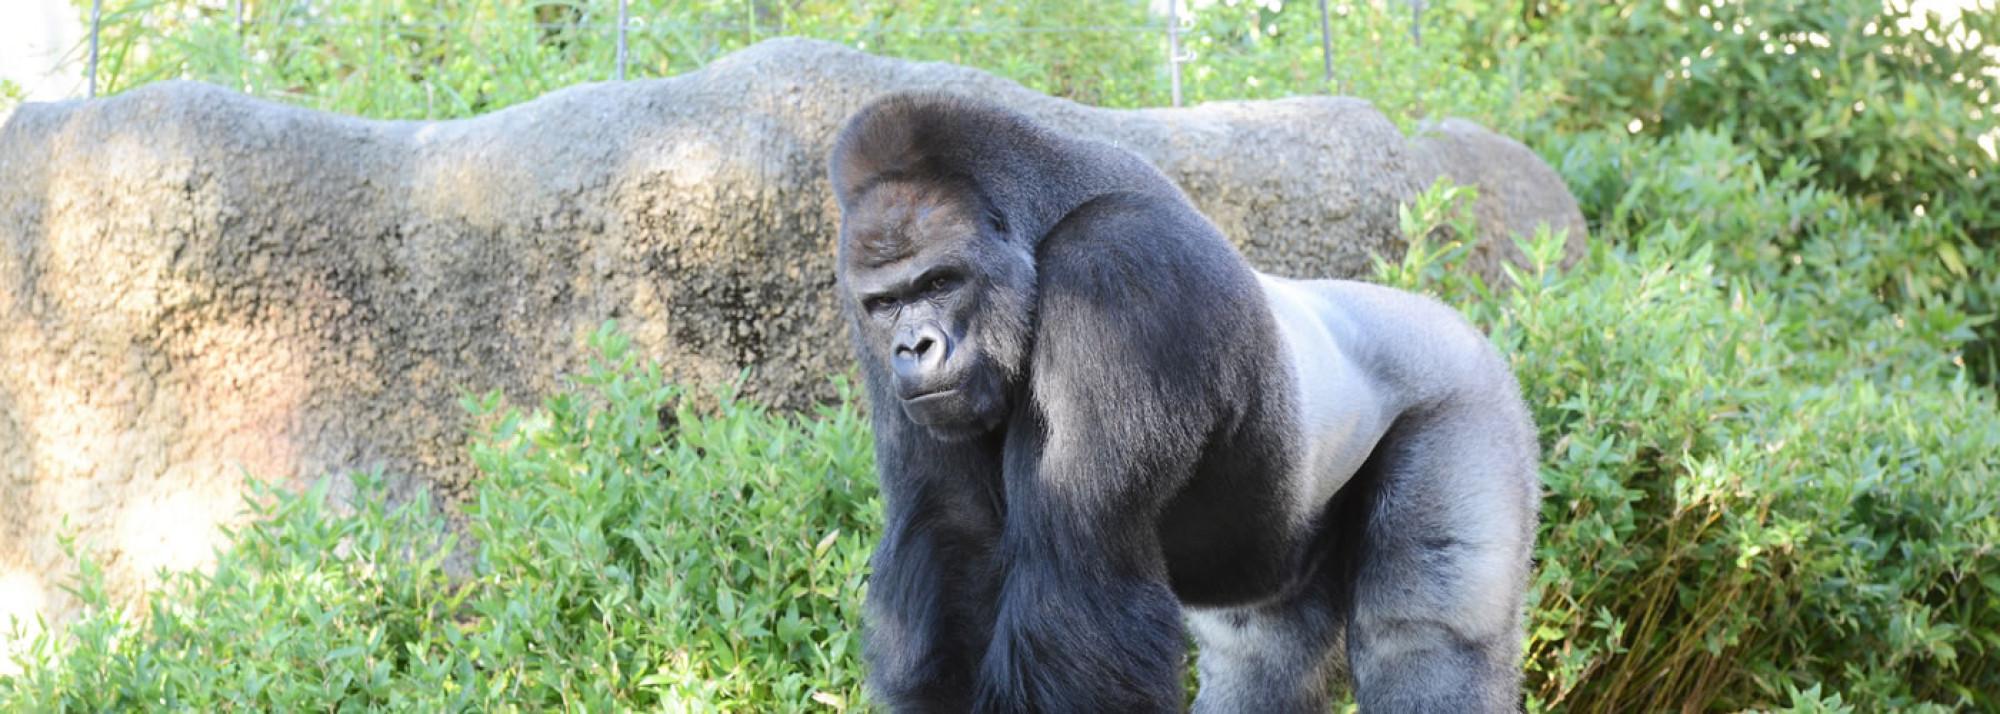 東山動物園のゴリラ